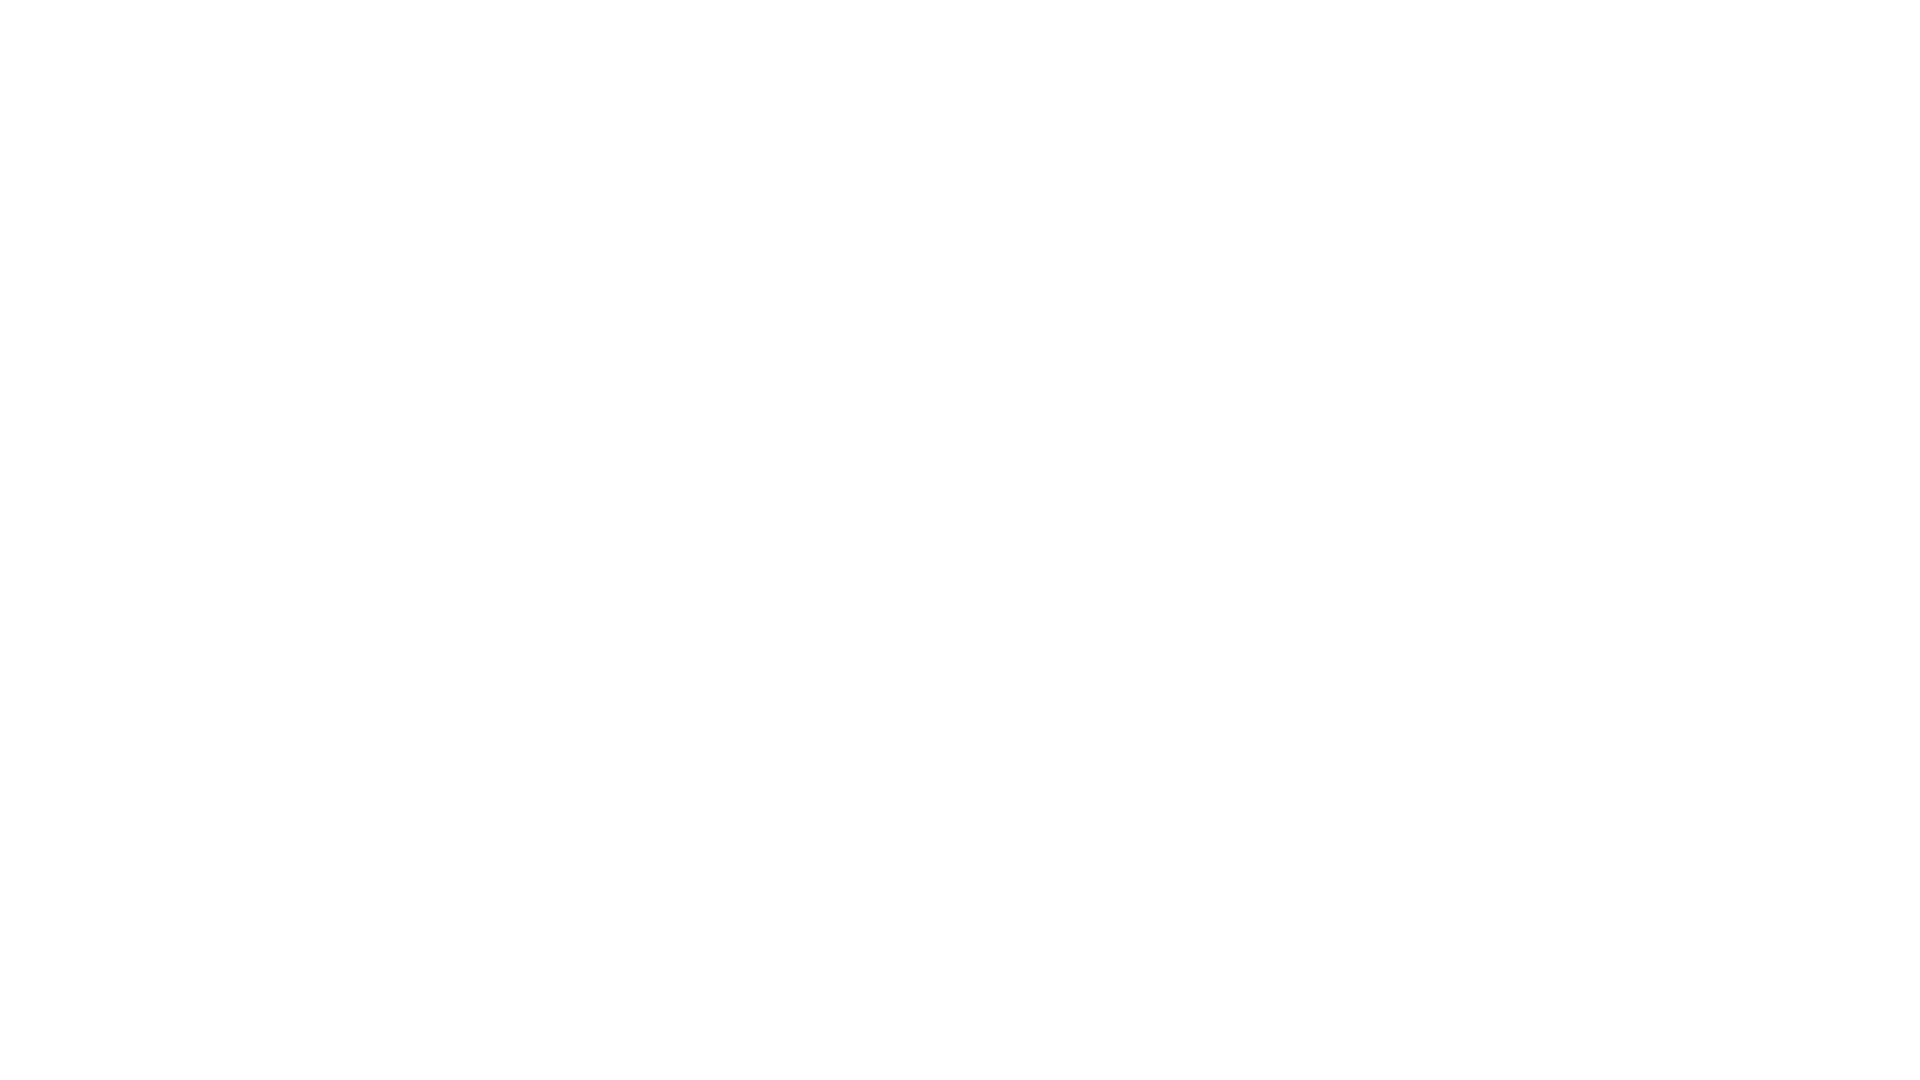 cbo-white-1